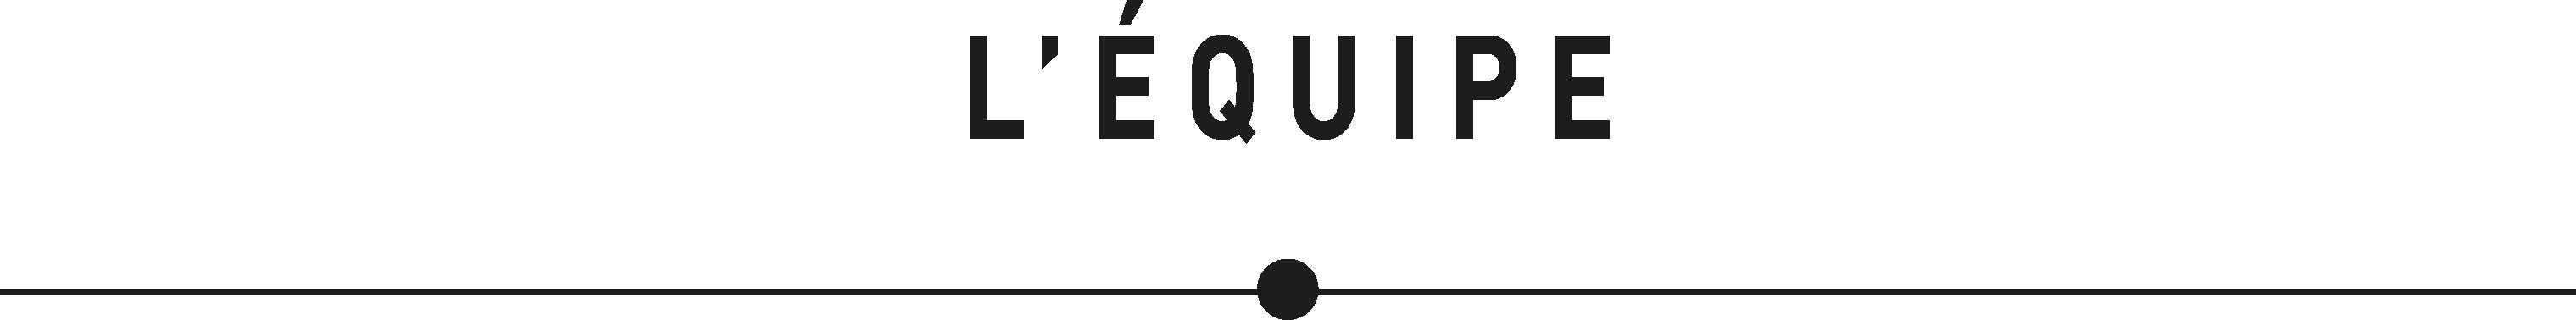 Texte_Equipe_Equipe